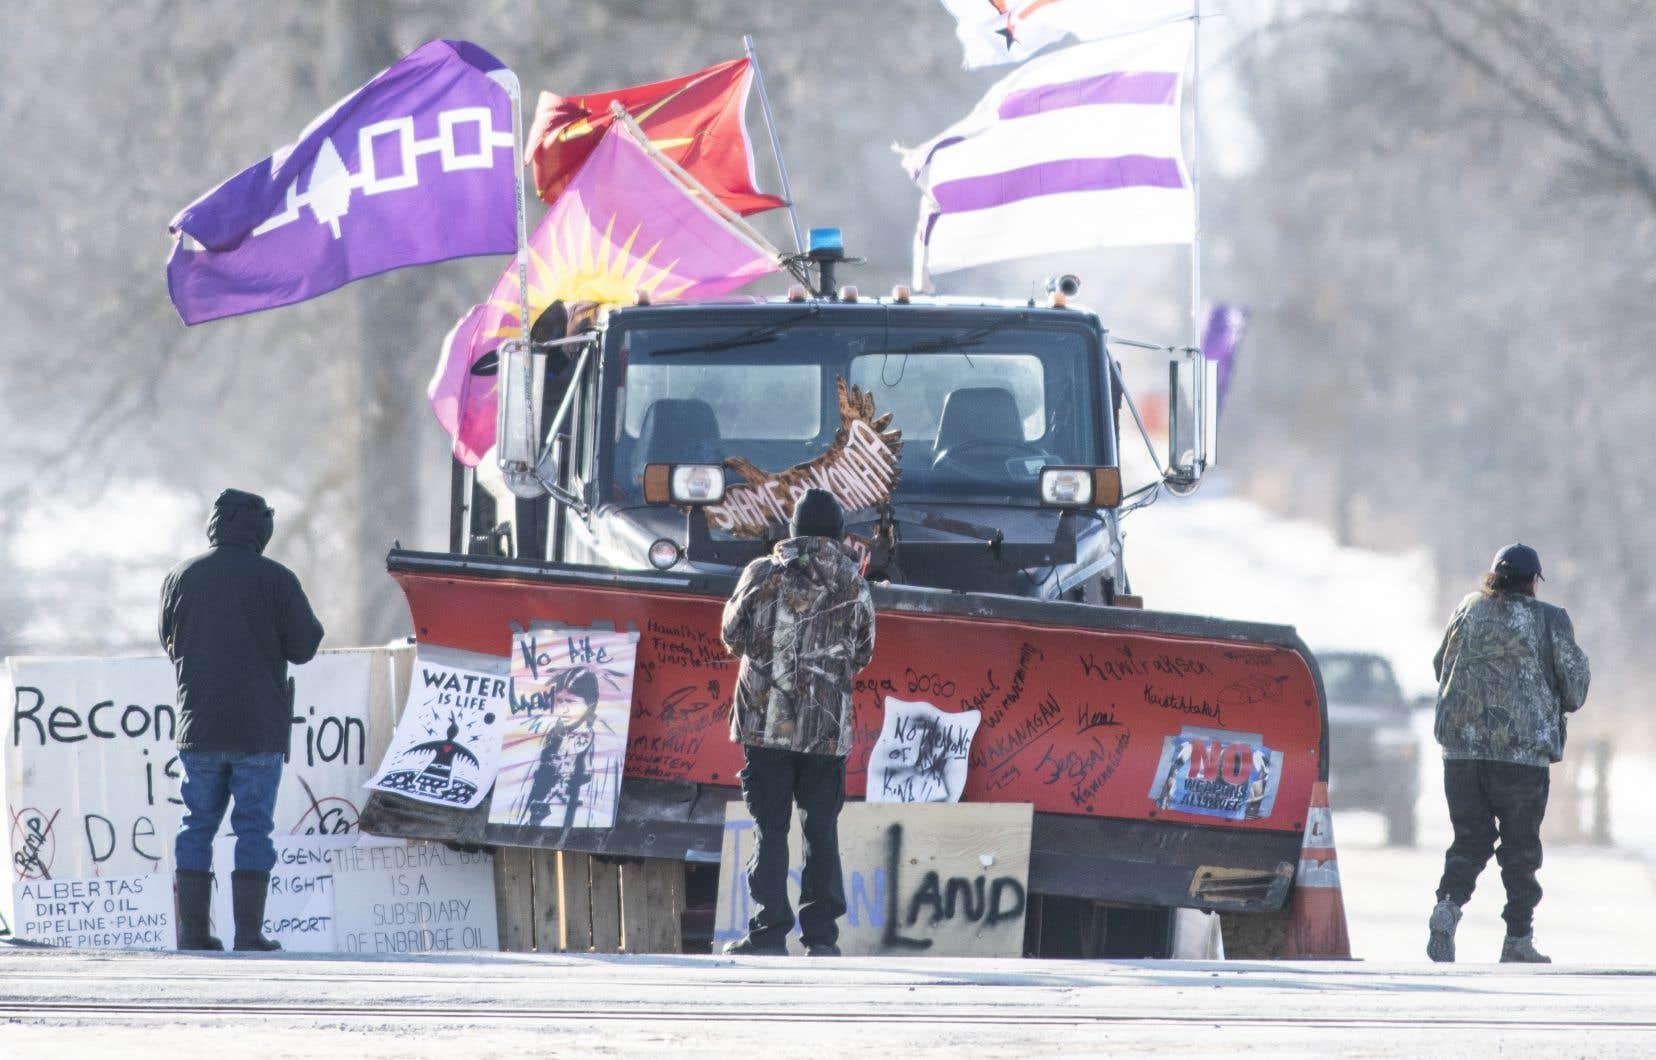 Les militants mohawks à Kahnawake ont décidé de maintenir leur blocus ferroviaire sur le territoire au sud de Montréal, du moins pour l'instant.